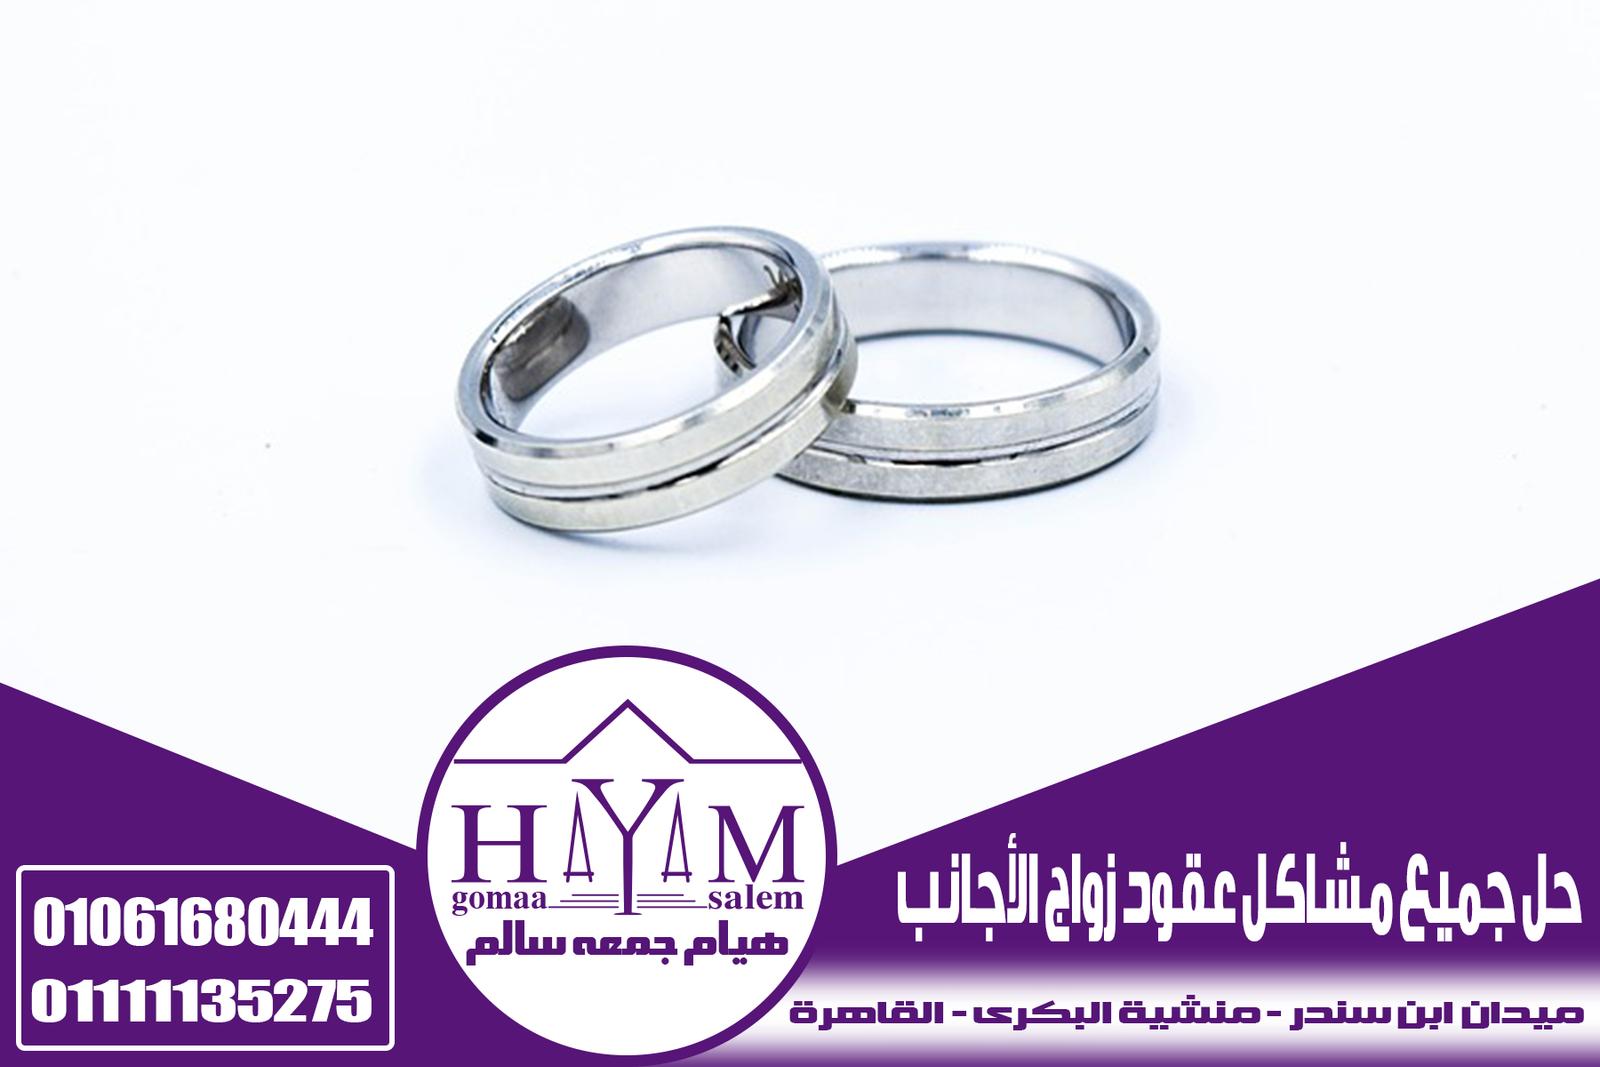 شروط واجراءات زواج مصرى من لاتفية – زواج الاجانب في مصر المحامية هيام جمعه سالم 01061680444